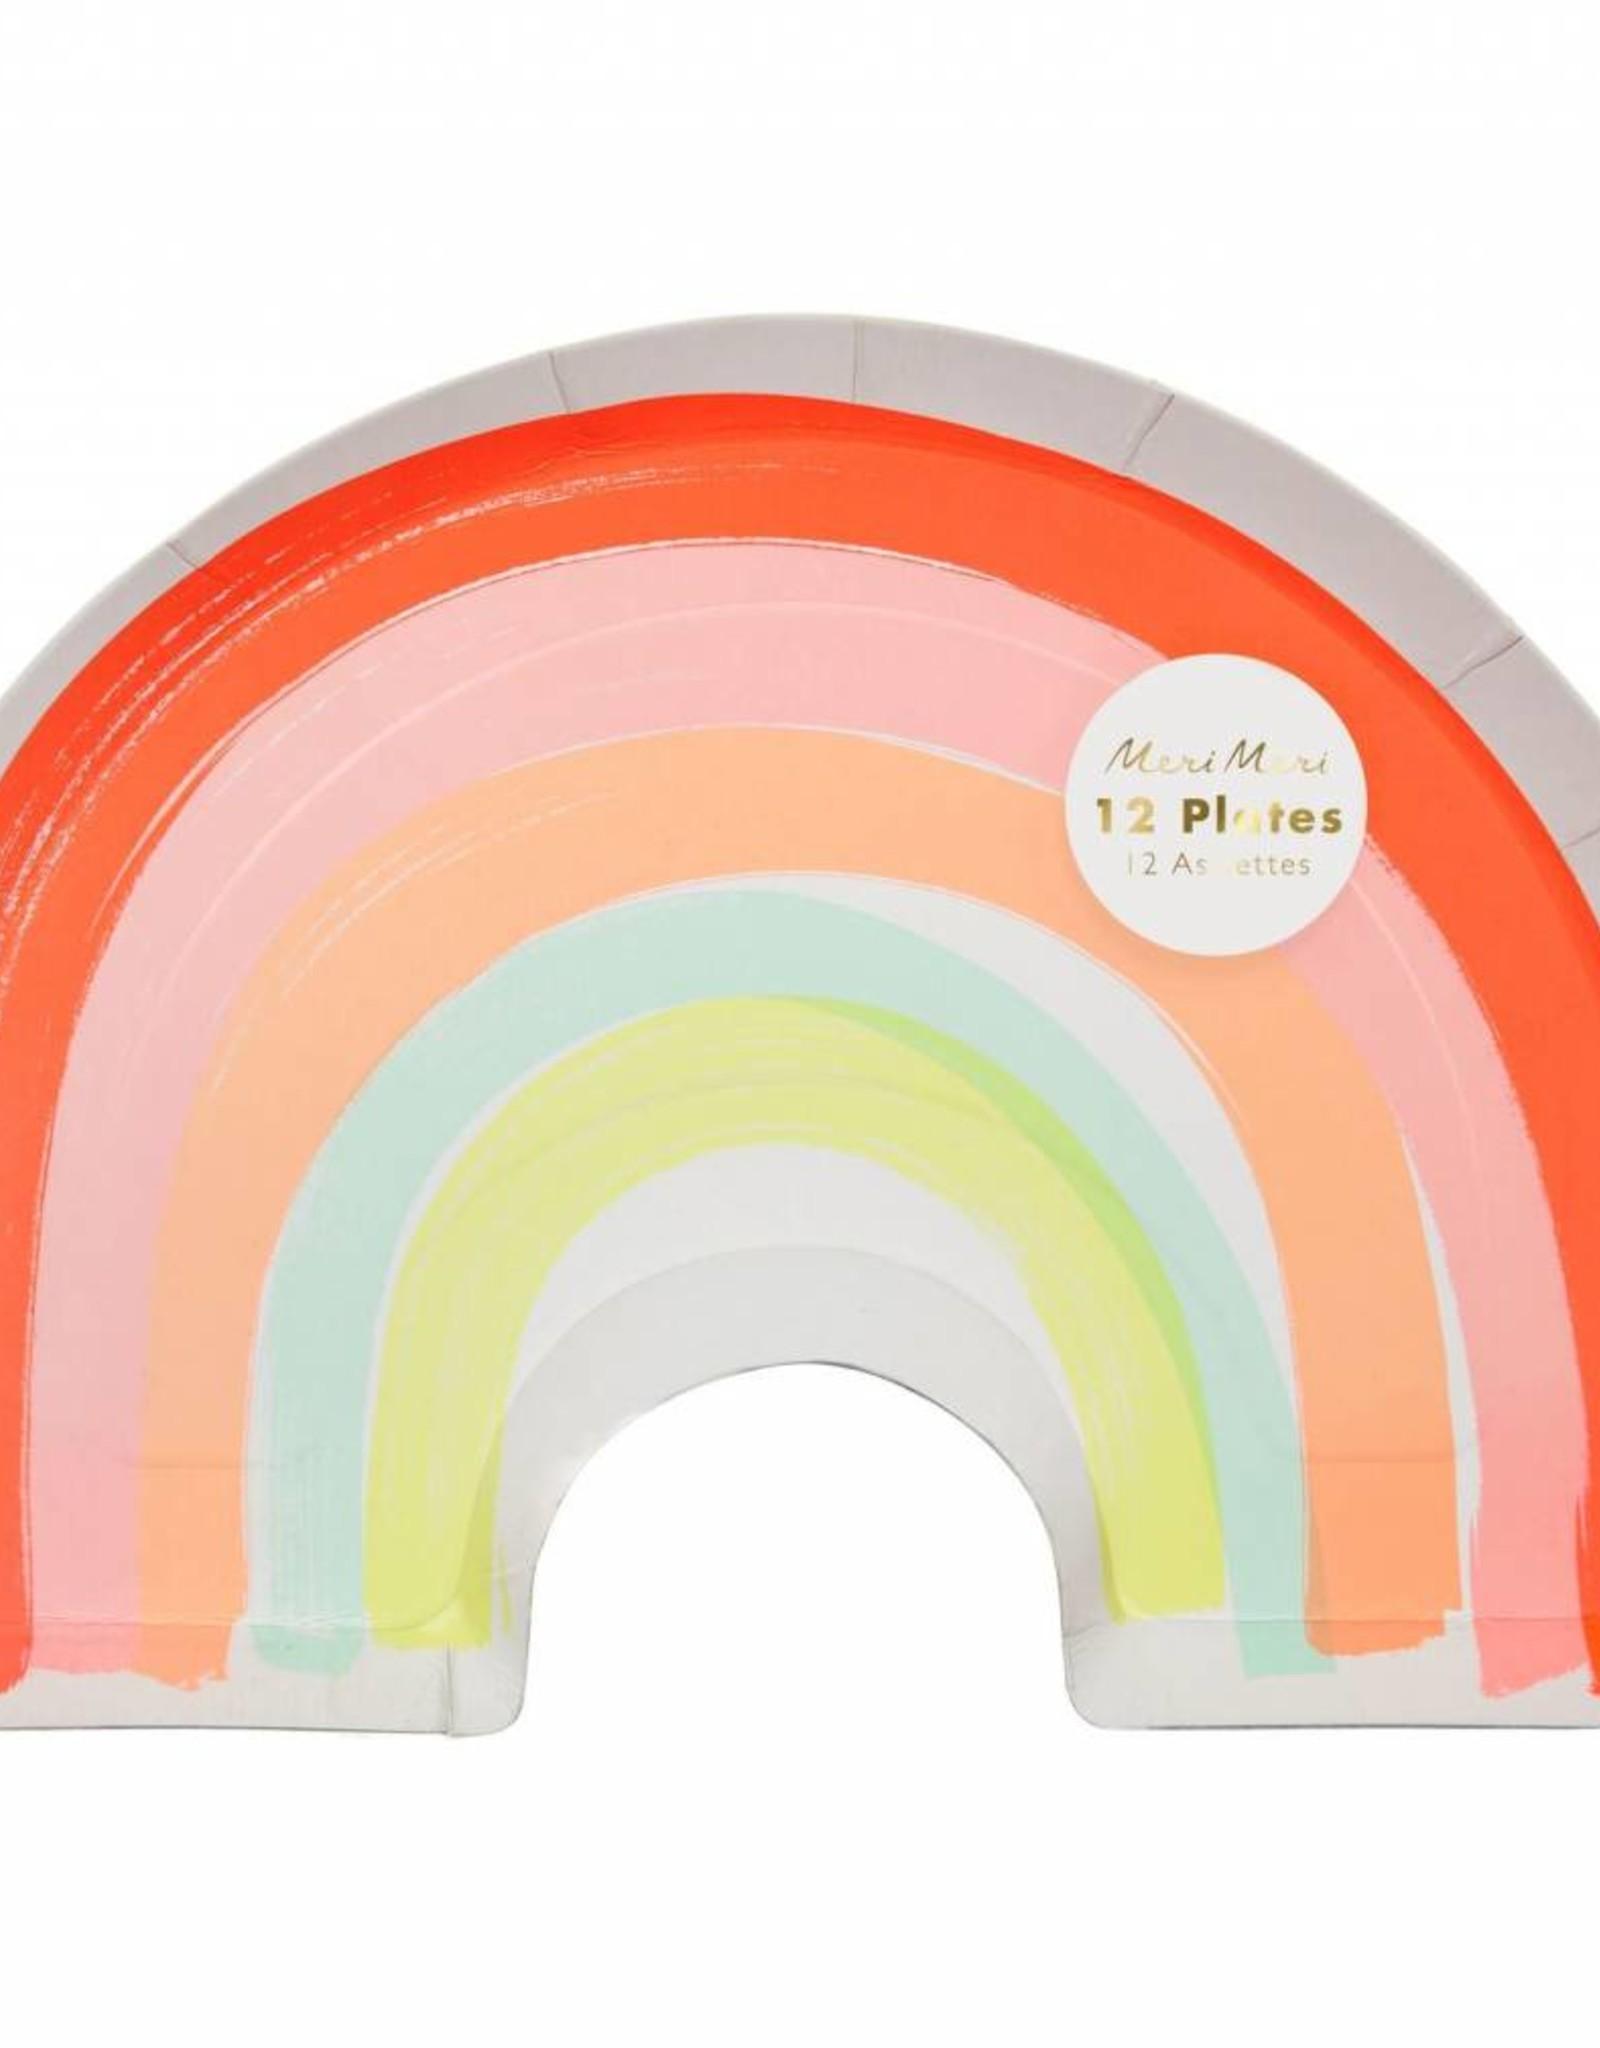 Meri Meri rainbow plates large